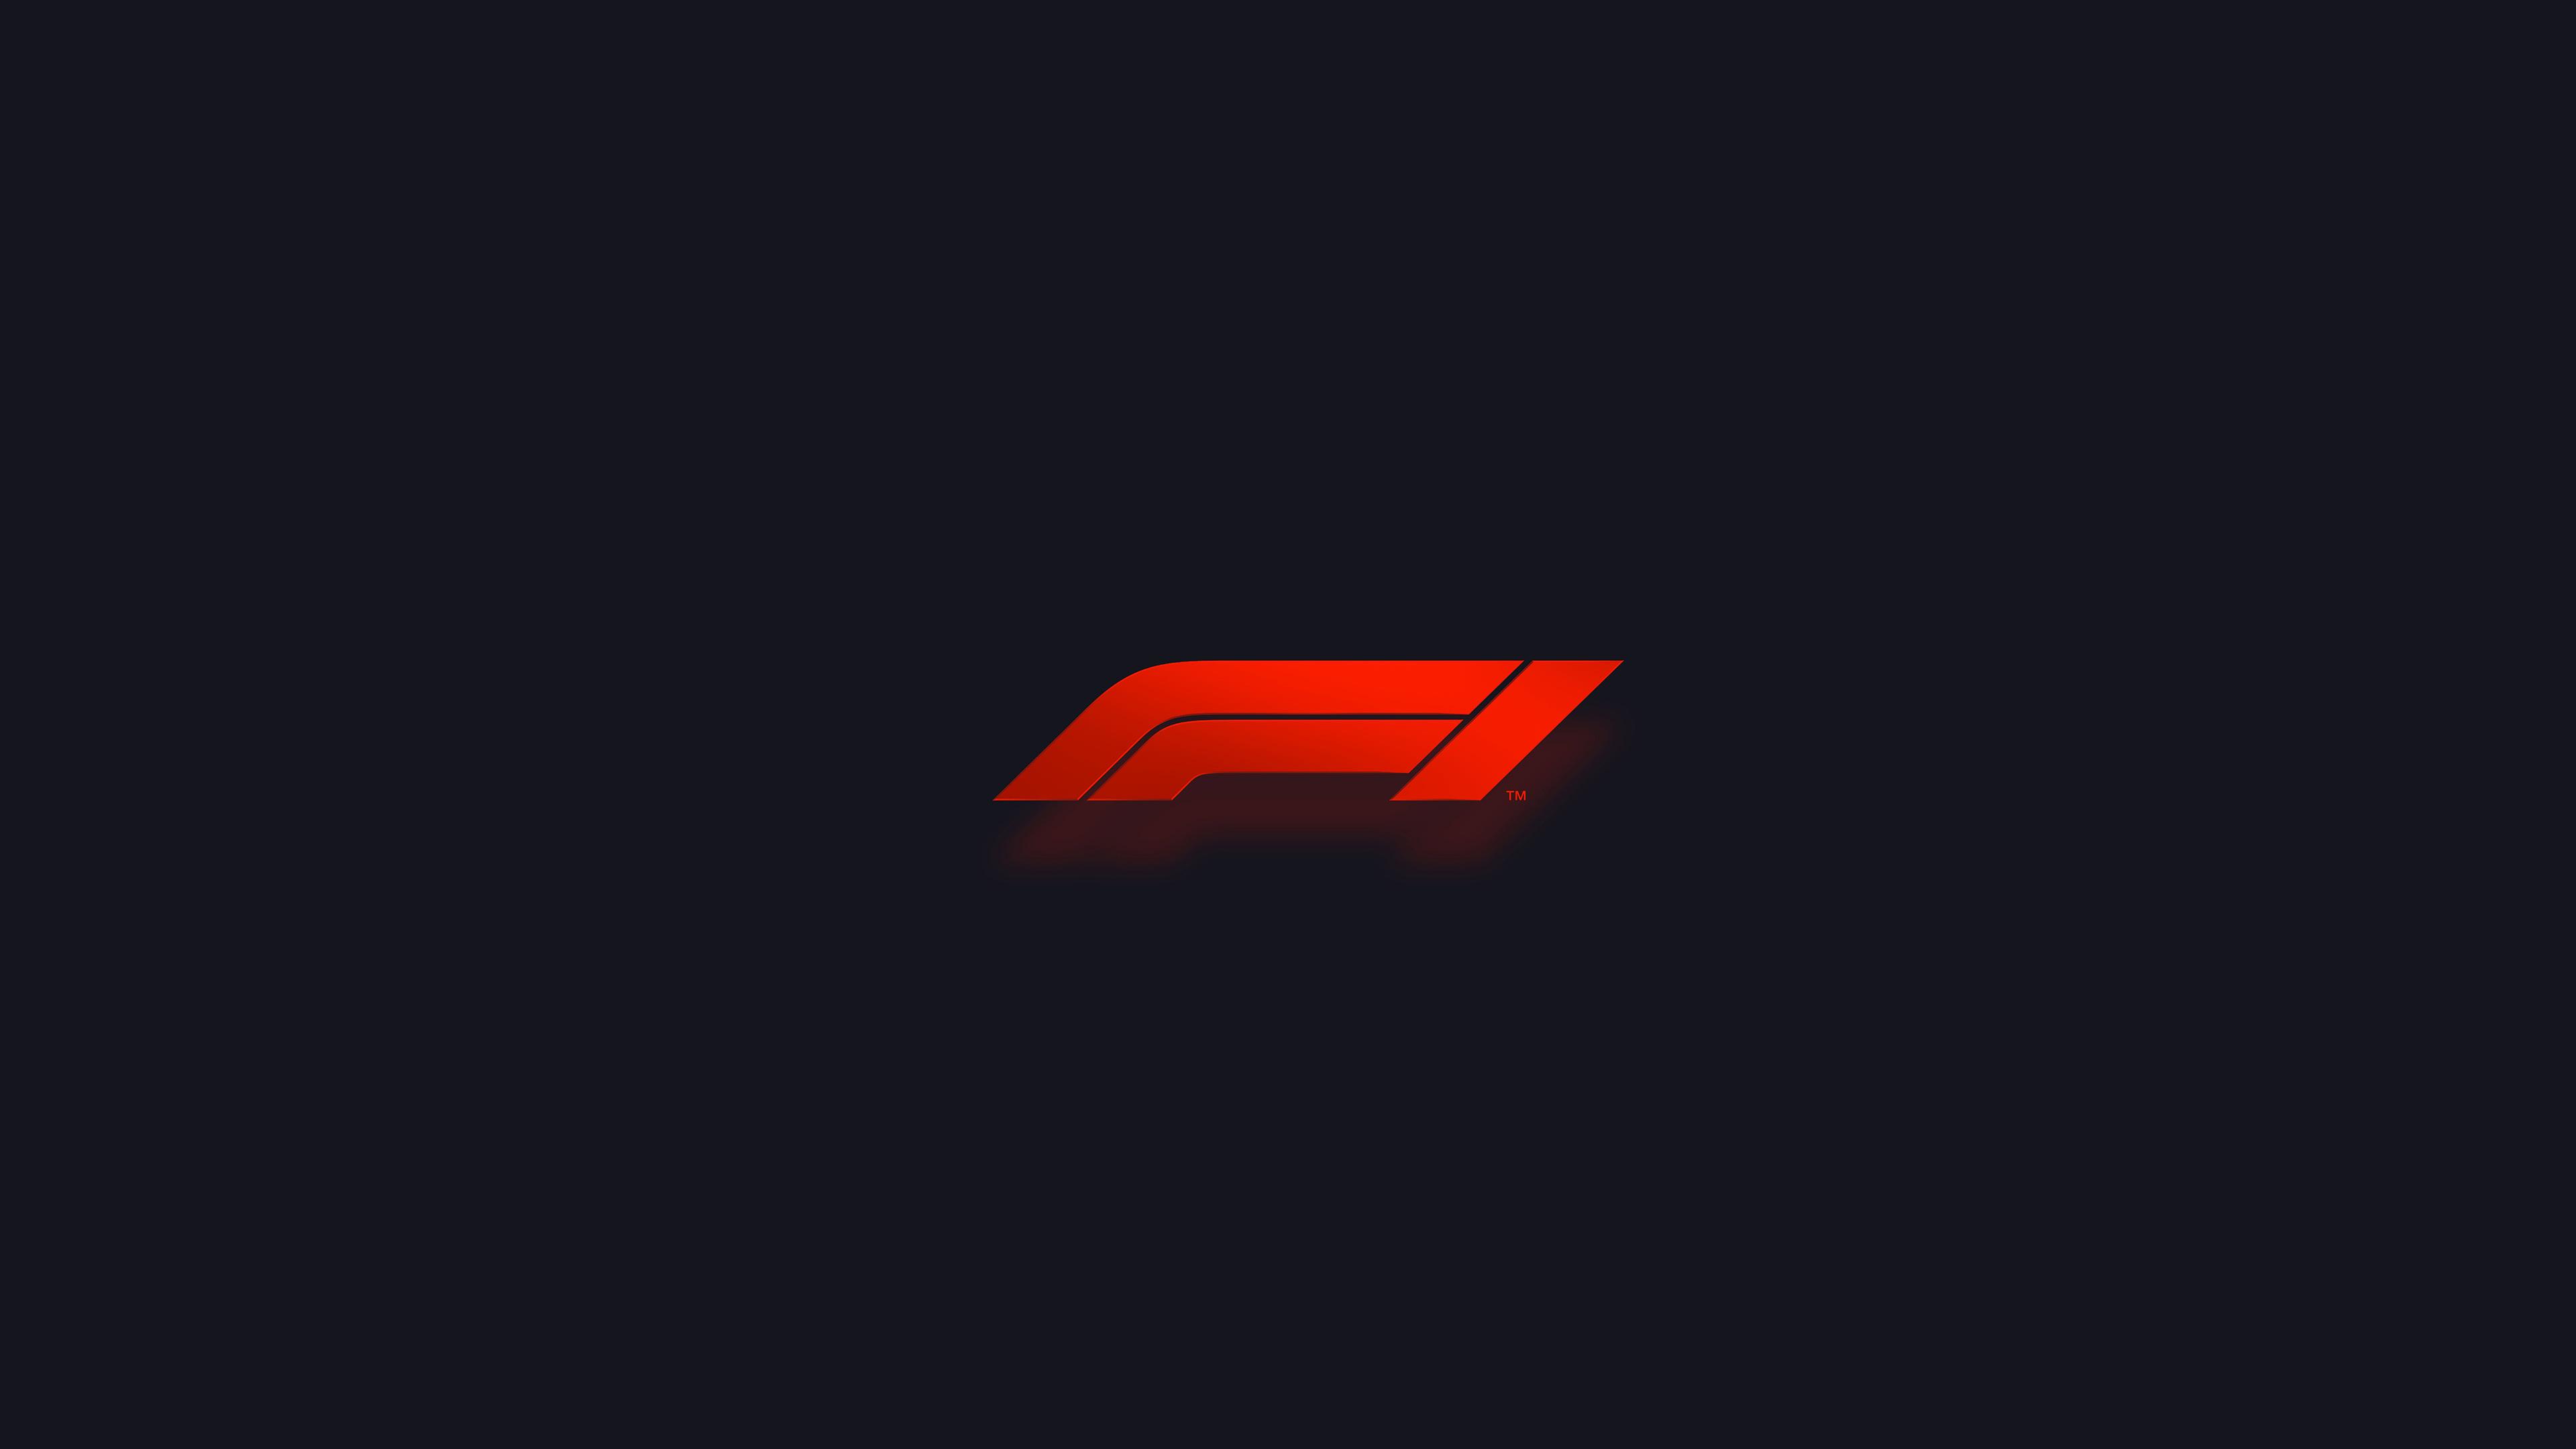 formula 1 logo uhd 4k wallpaper